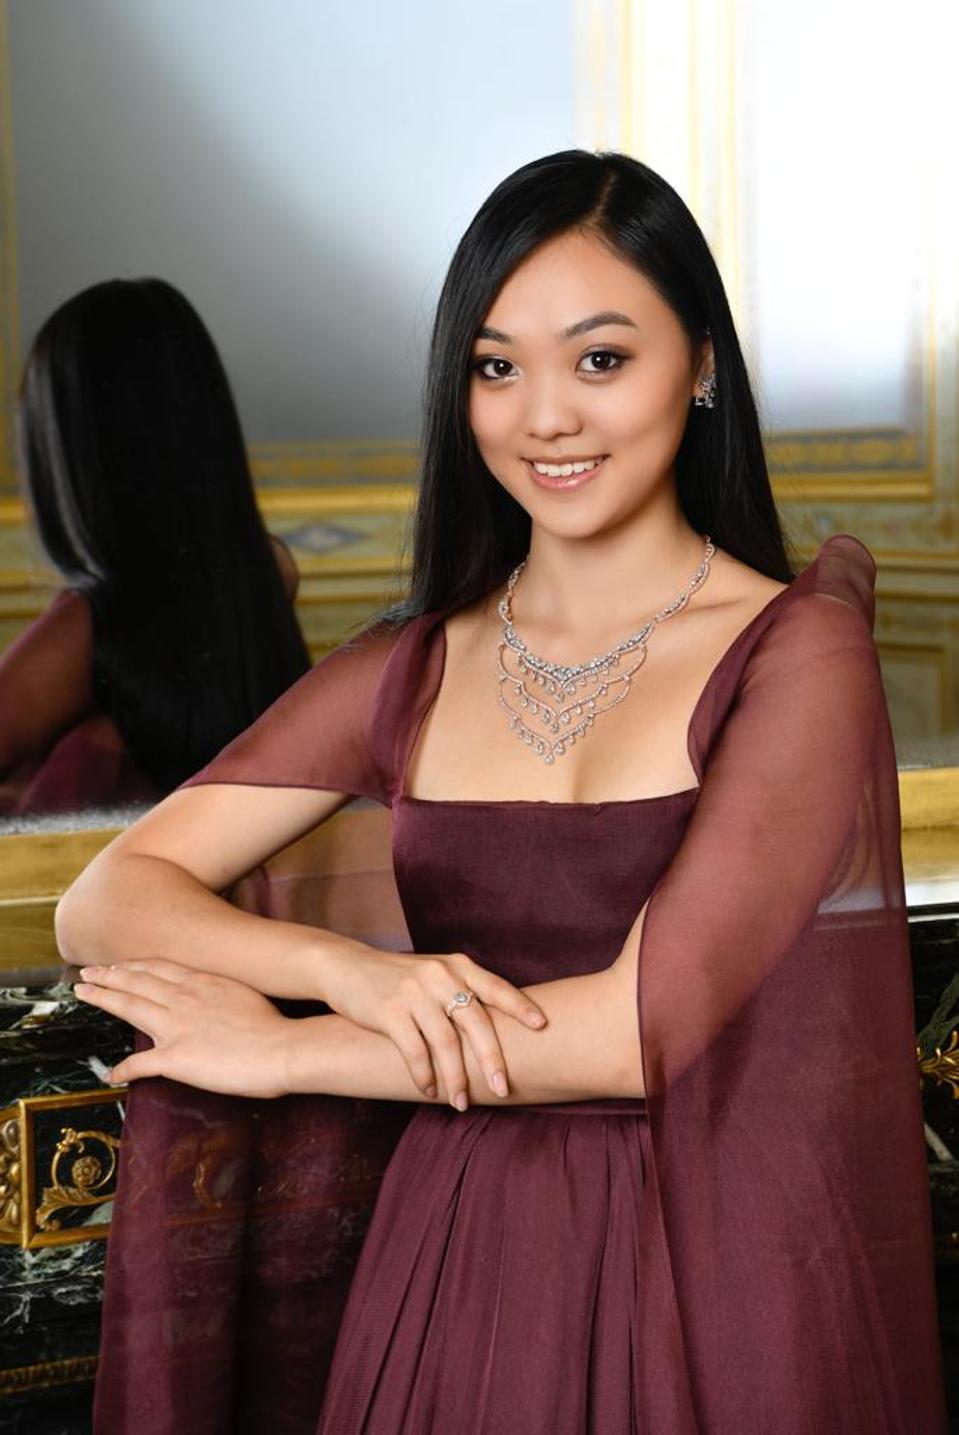 Le Bal 2019, Harakh jewelry, Jane Li